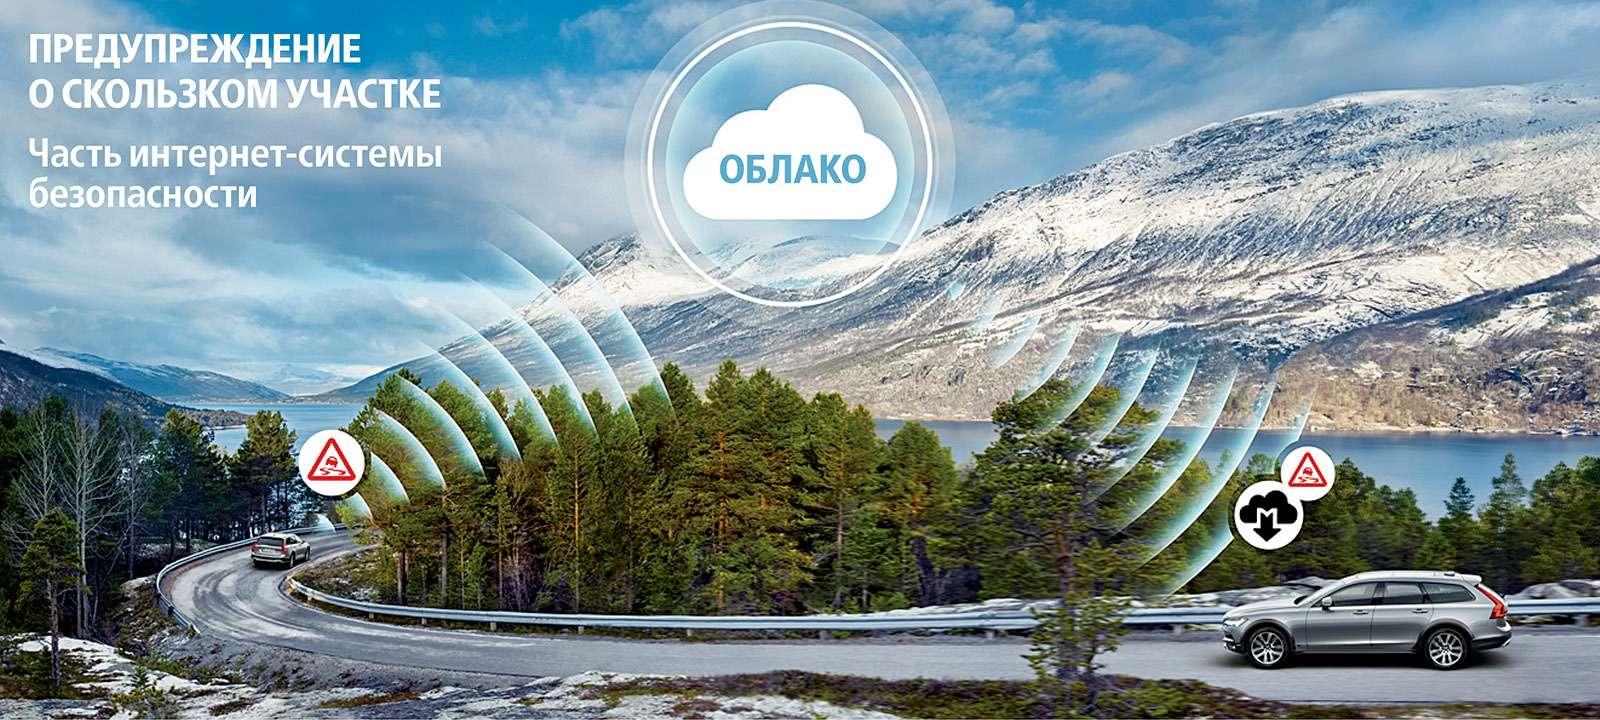 Новый Volvo V90 Cross Country: нечемодан!— фото 654915